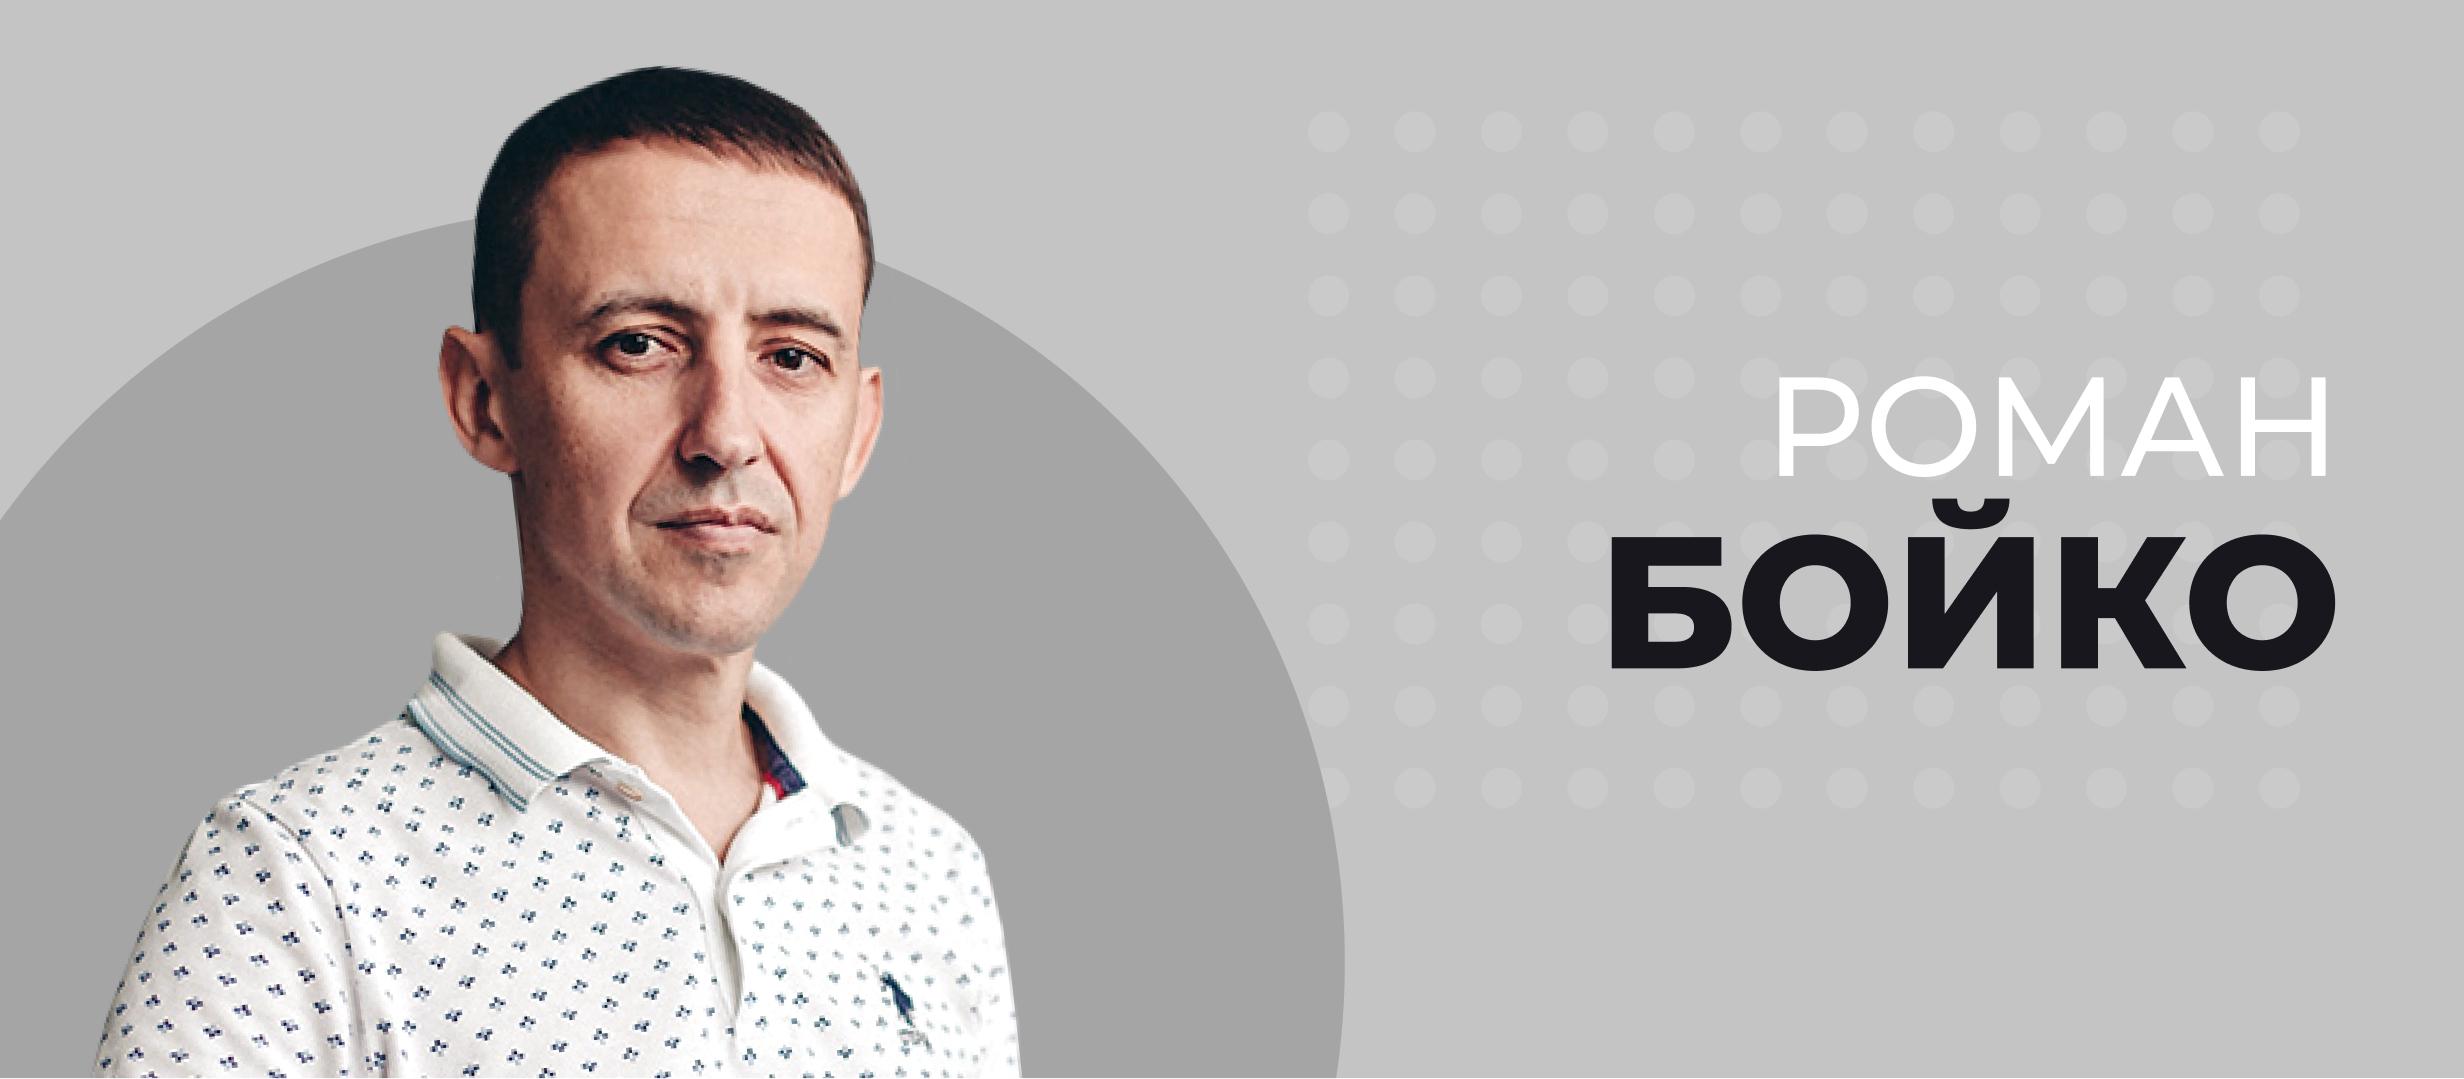 Роман Бойко: «Футбол рвёт все дисциплины»